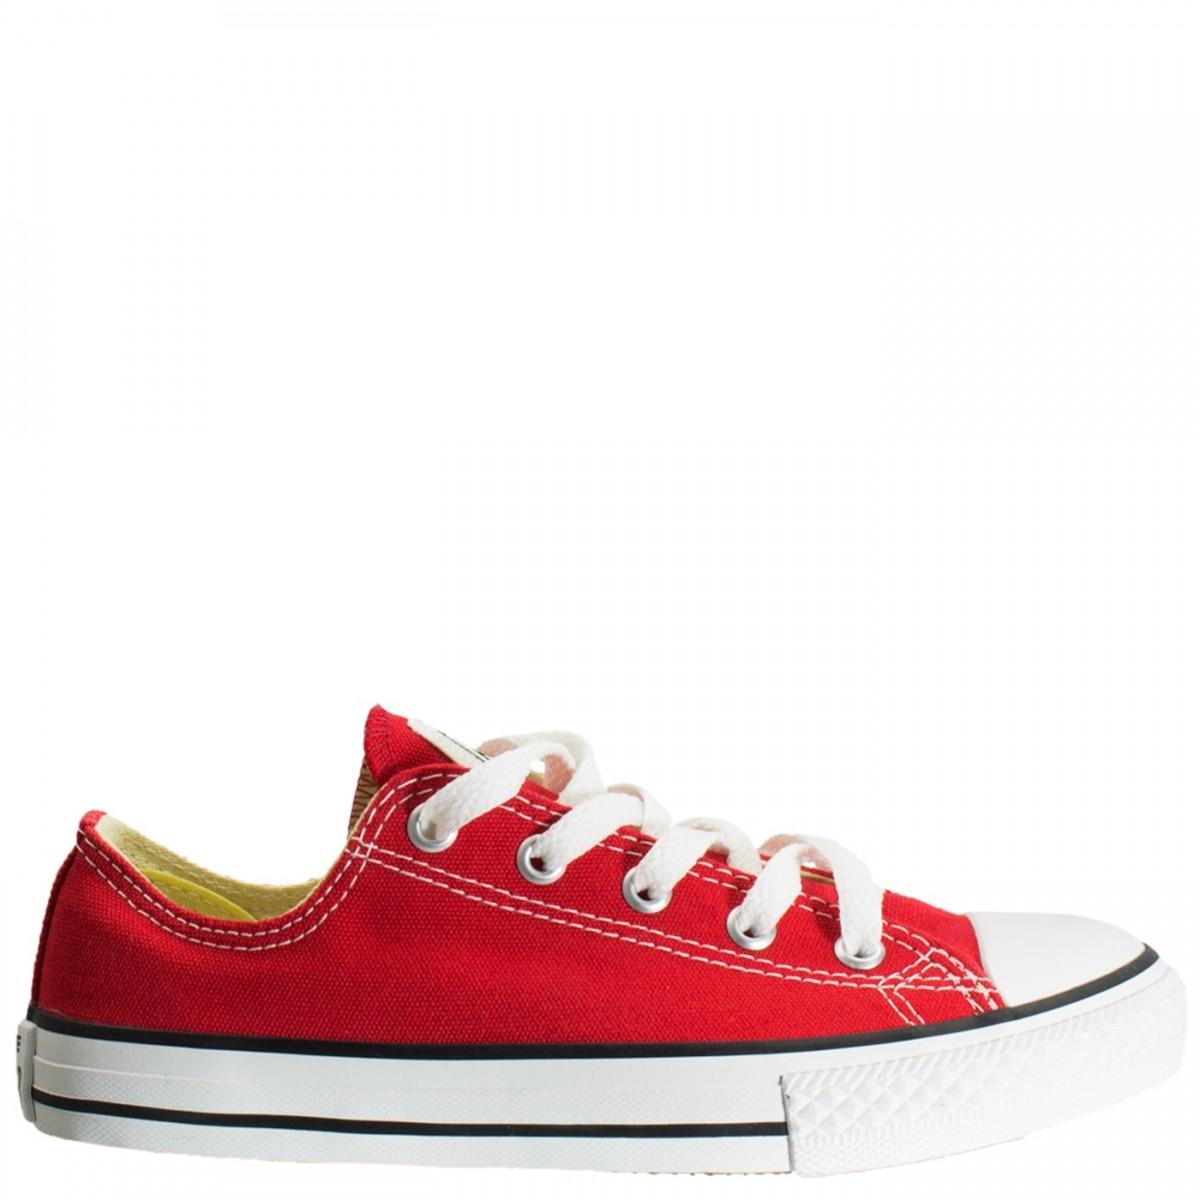 e4525408fa4 Bizz Store - Tênis Converse All Star Unissex Tradicional Preto